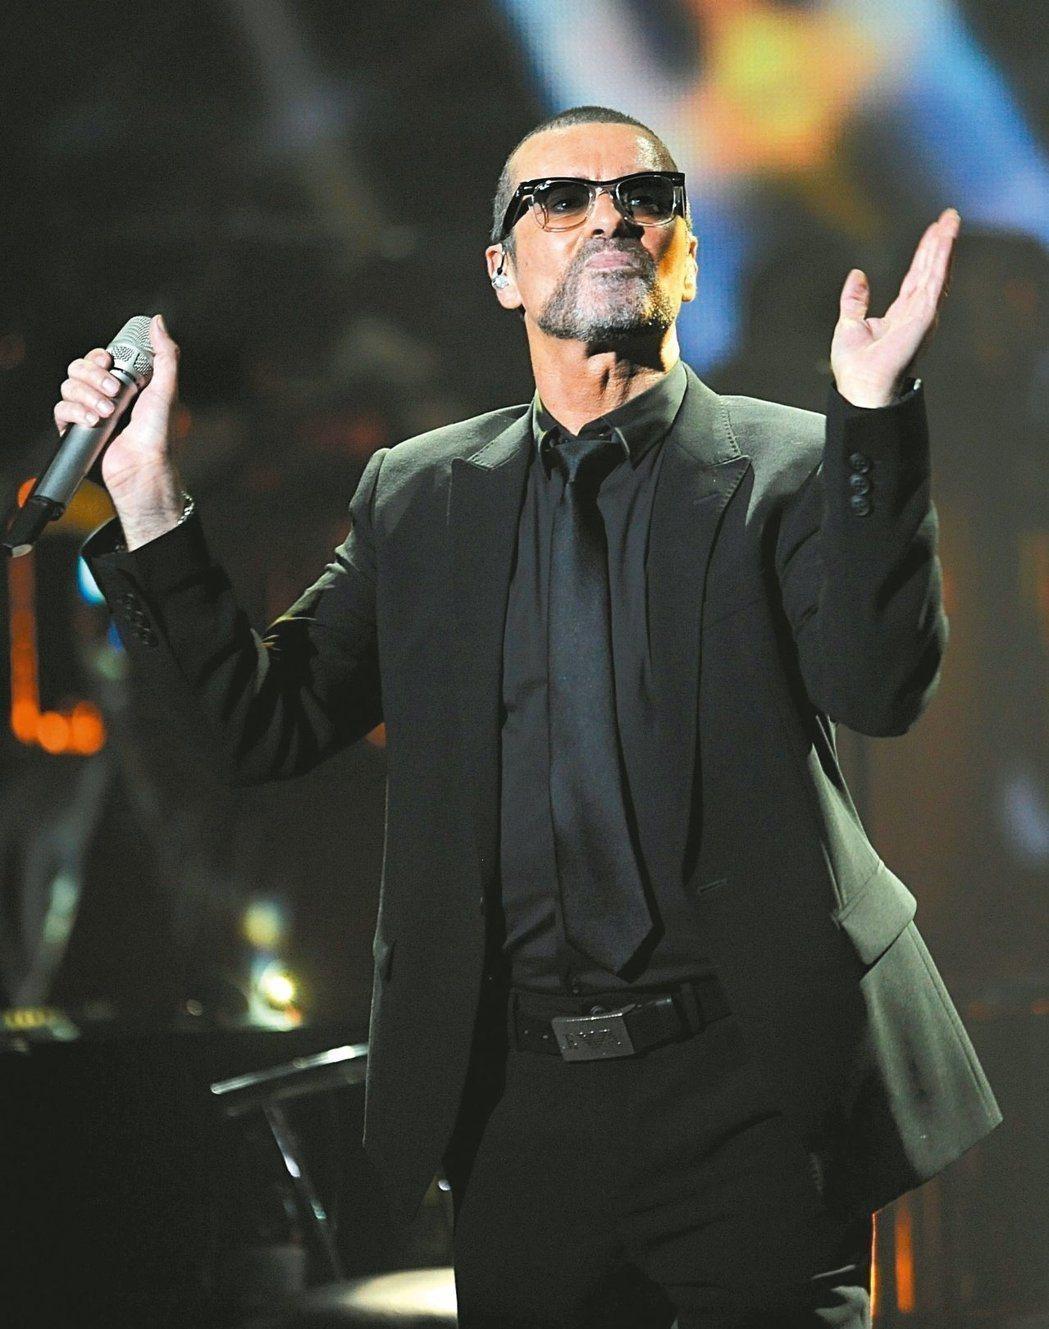 喬治麥可過世滿2周年,仍有不少歌迷懷念追憶。圖/歐新社